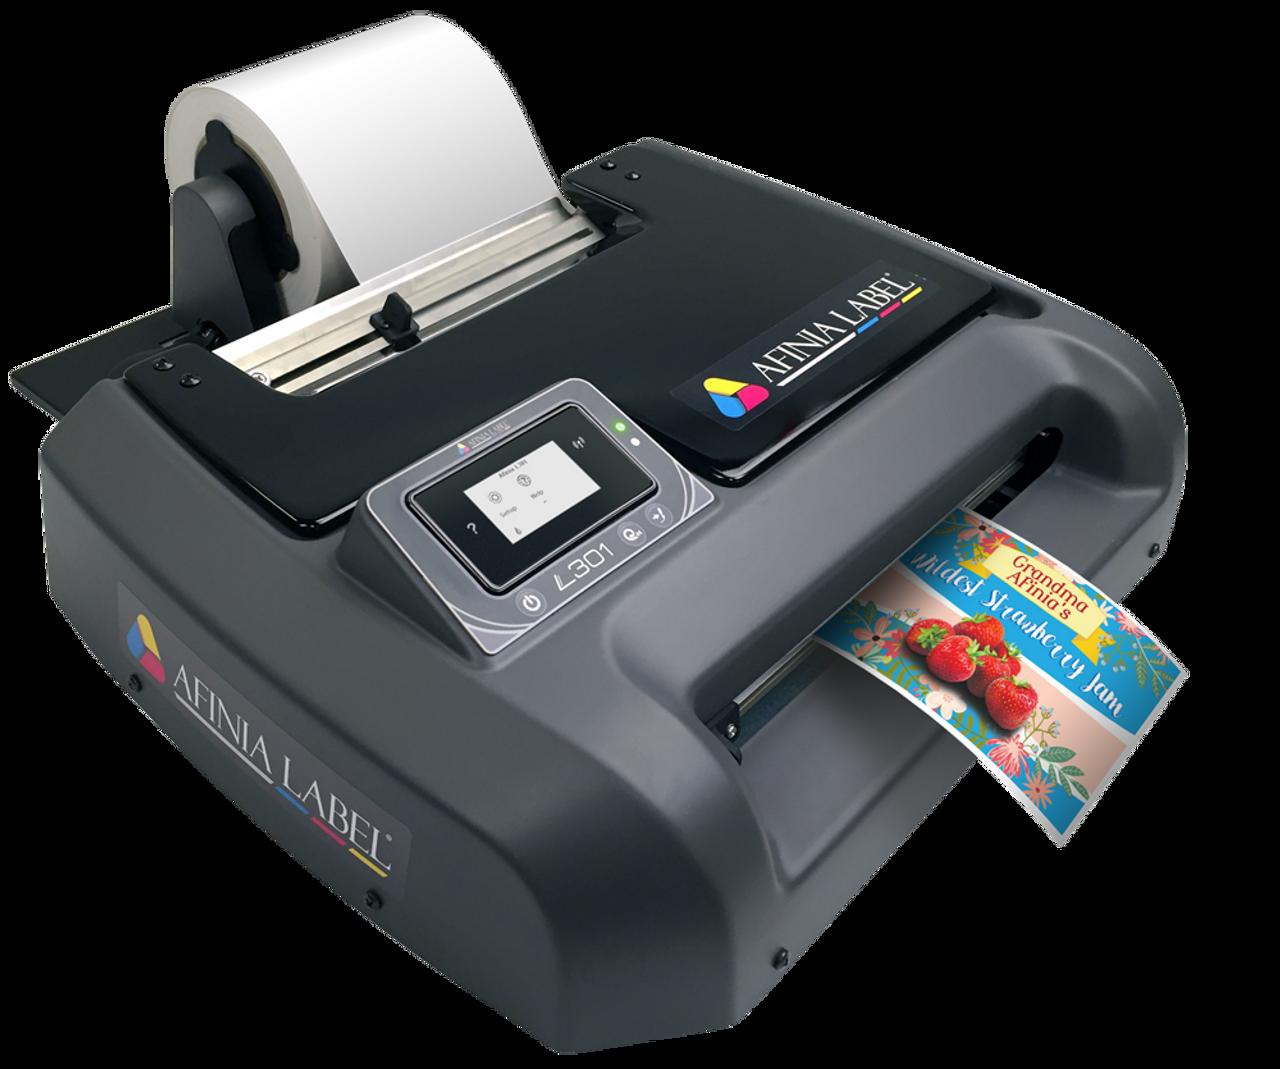 Afinia L301 Color Label Printer